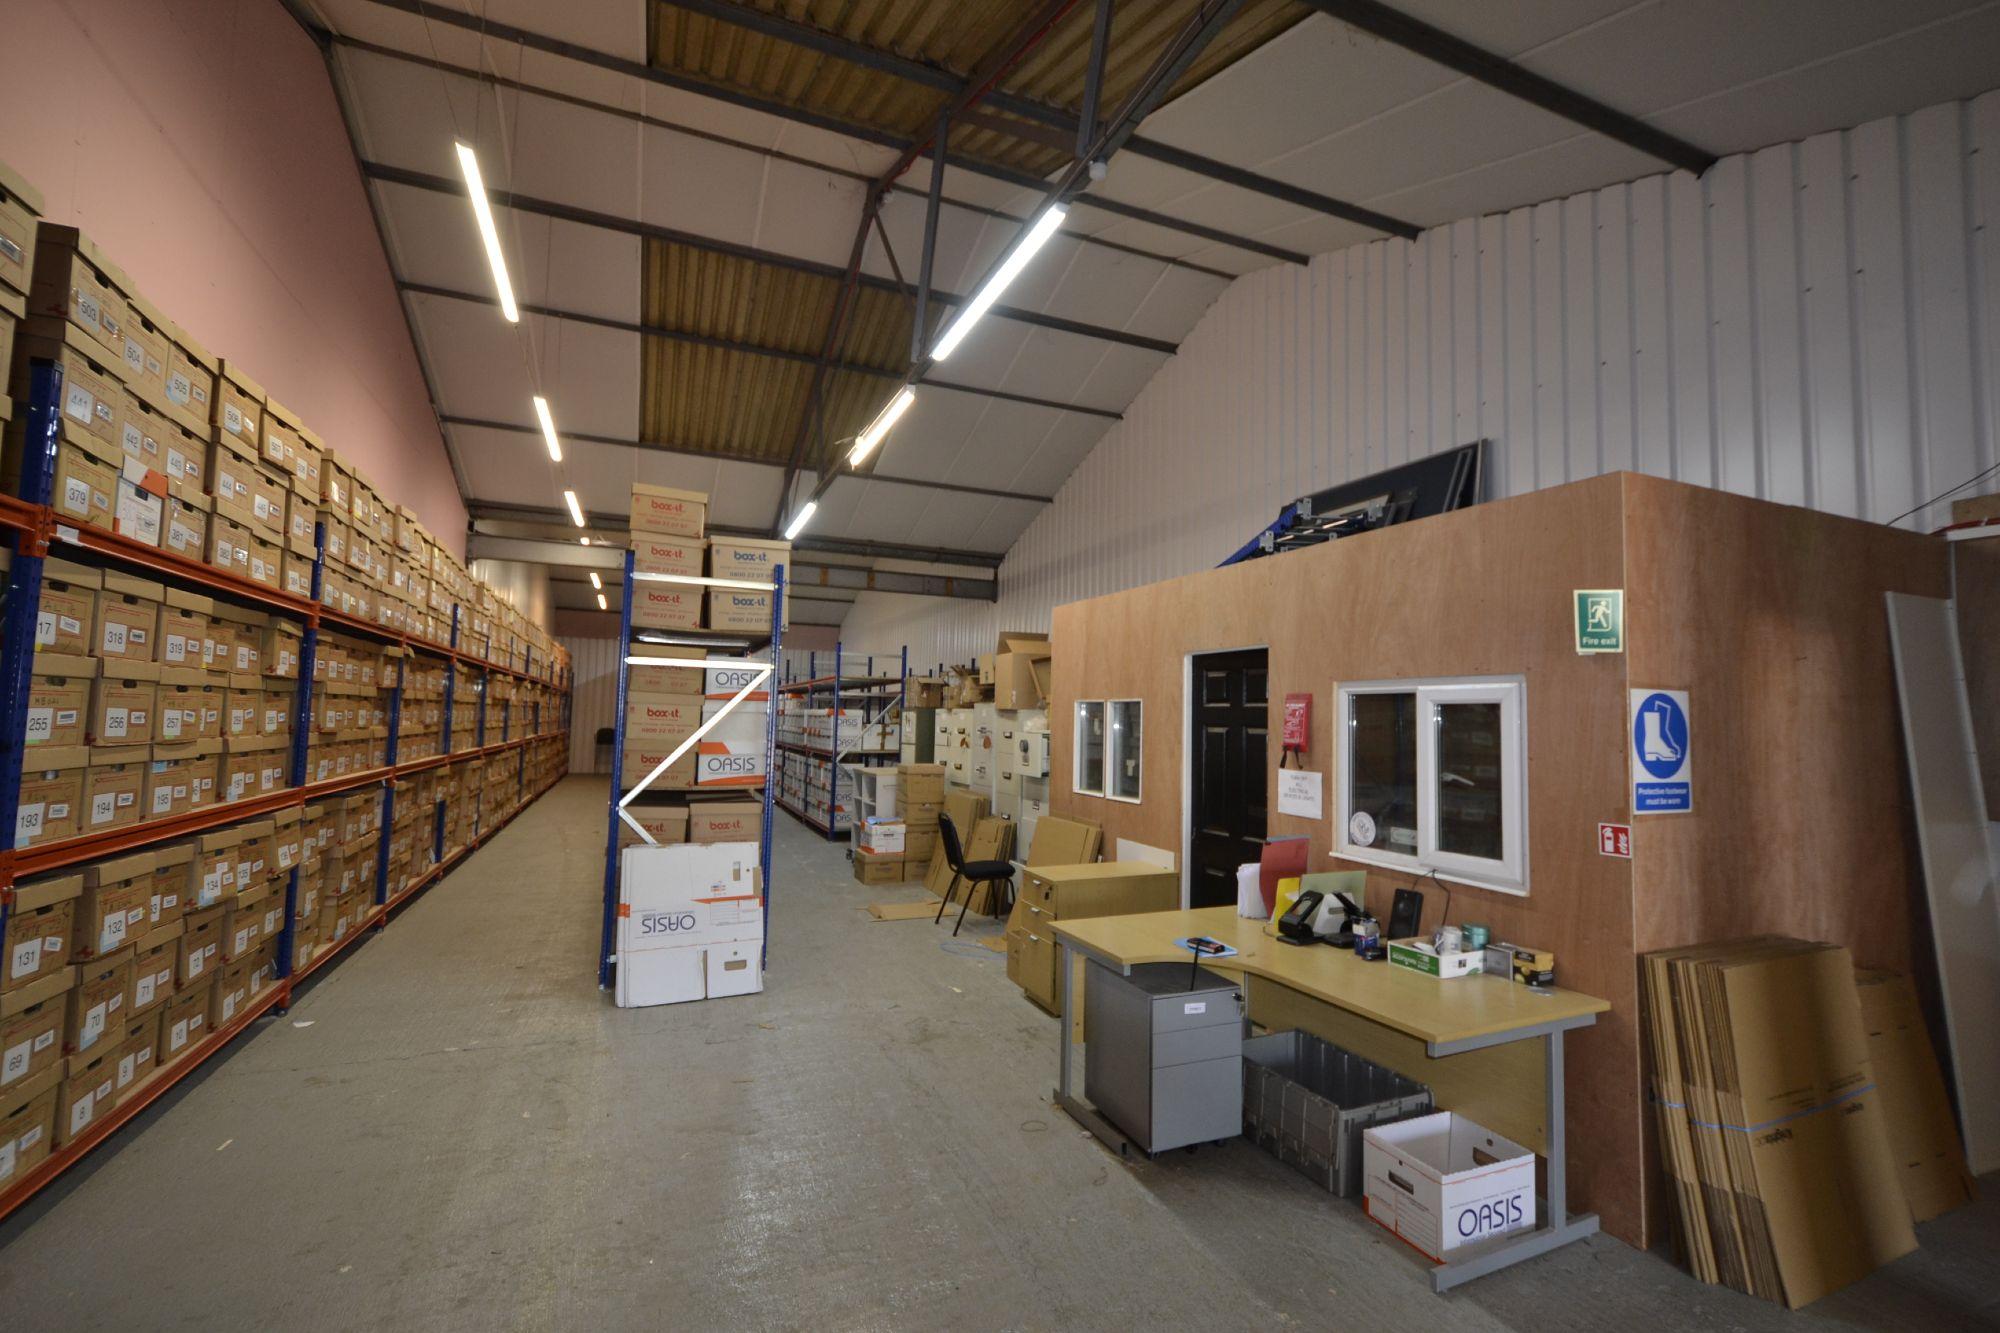 Archive storage unit